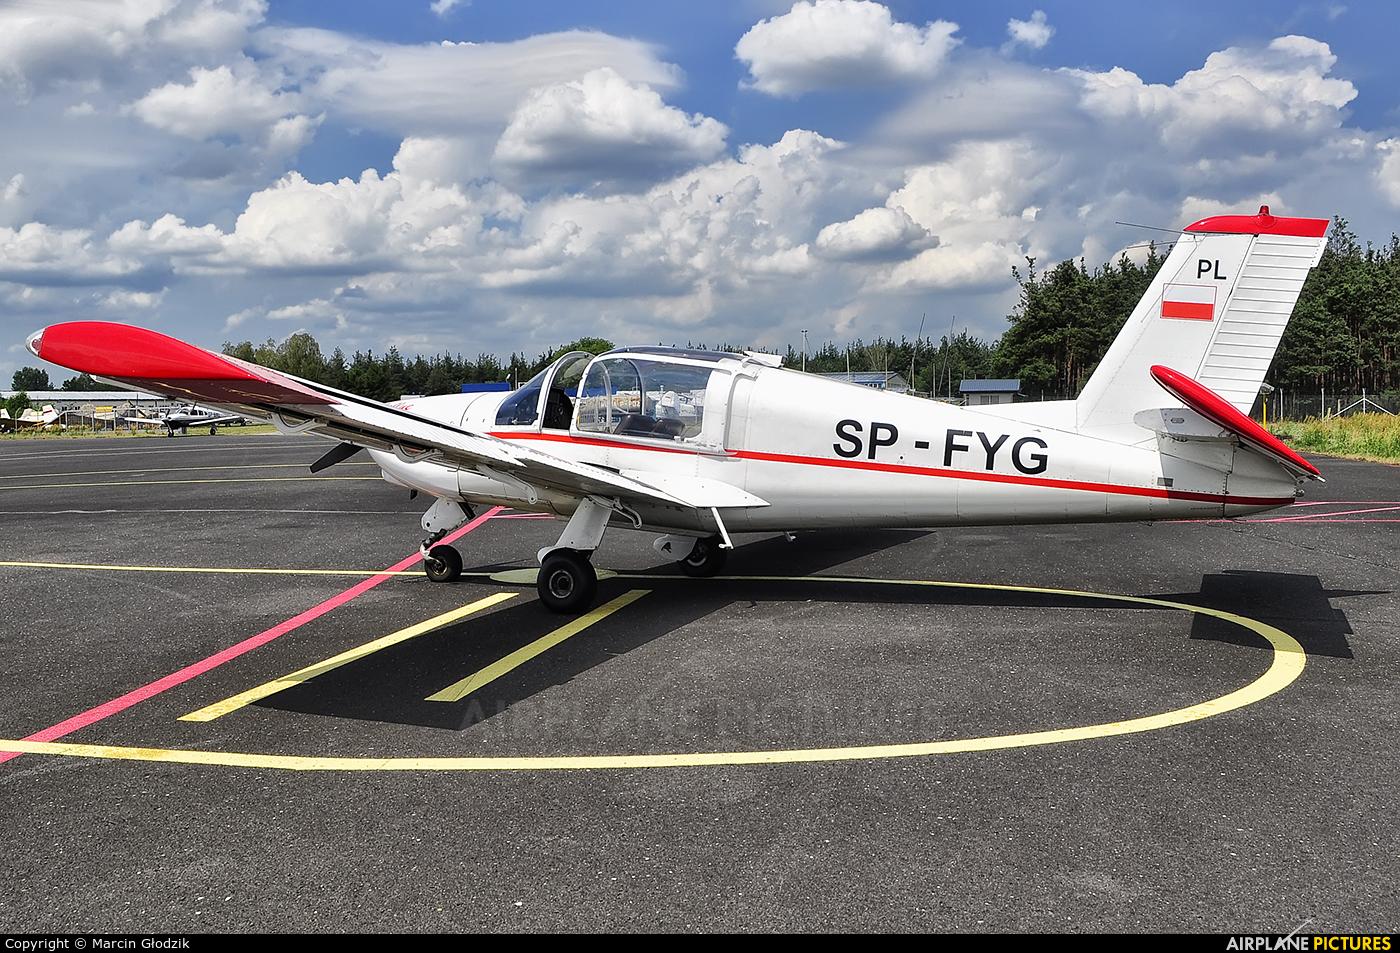 Aeroklub Podkarpacki SP-FYG aircraft at Mielec